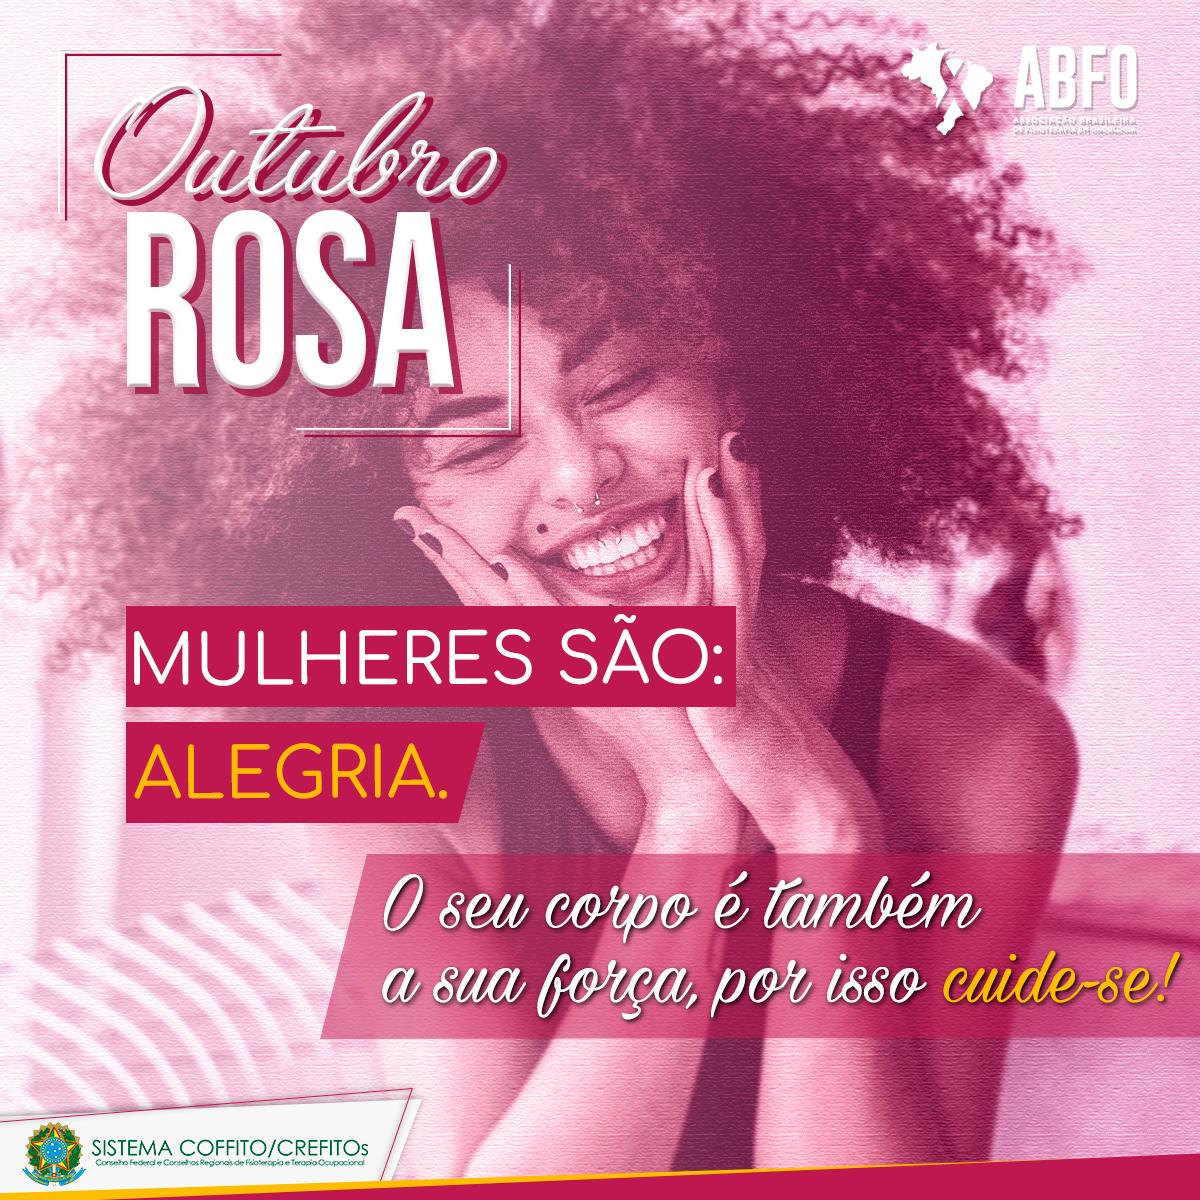 OUTUBRO ROSA - CAMPANHA DO SISTEMA COFFITO-CREFITOs